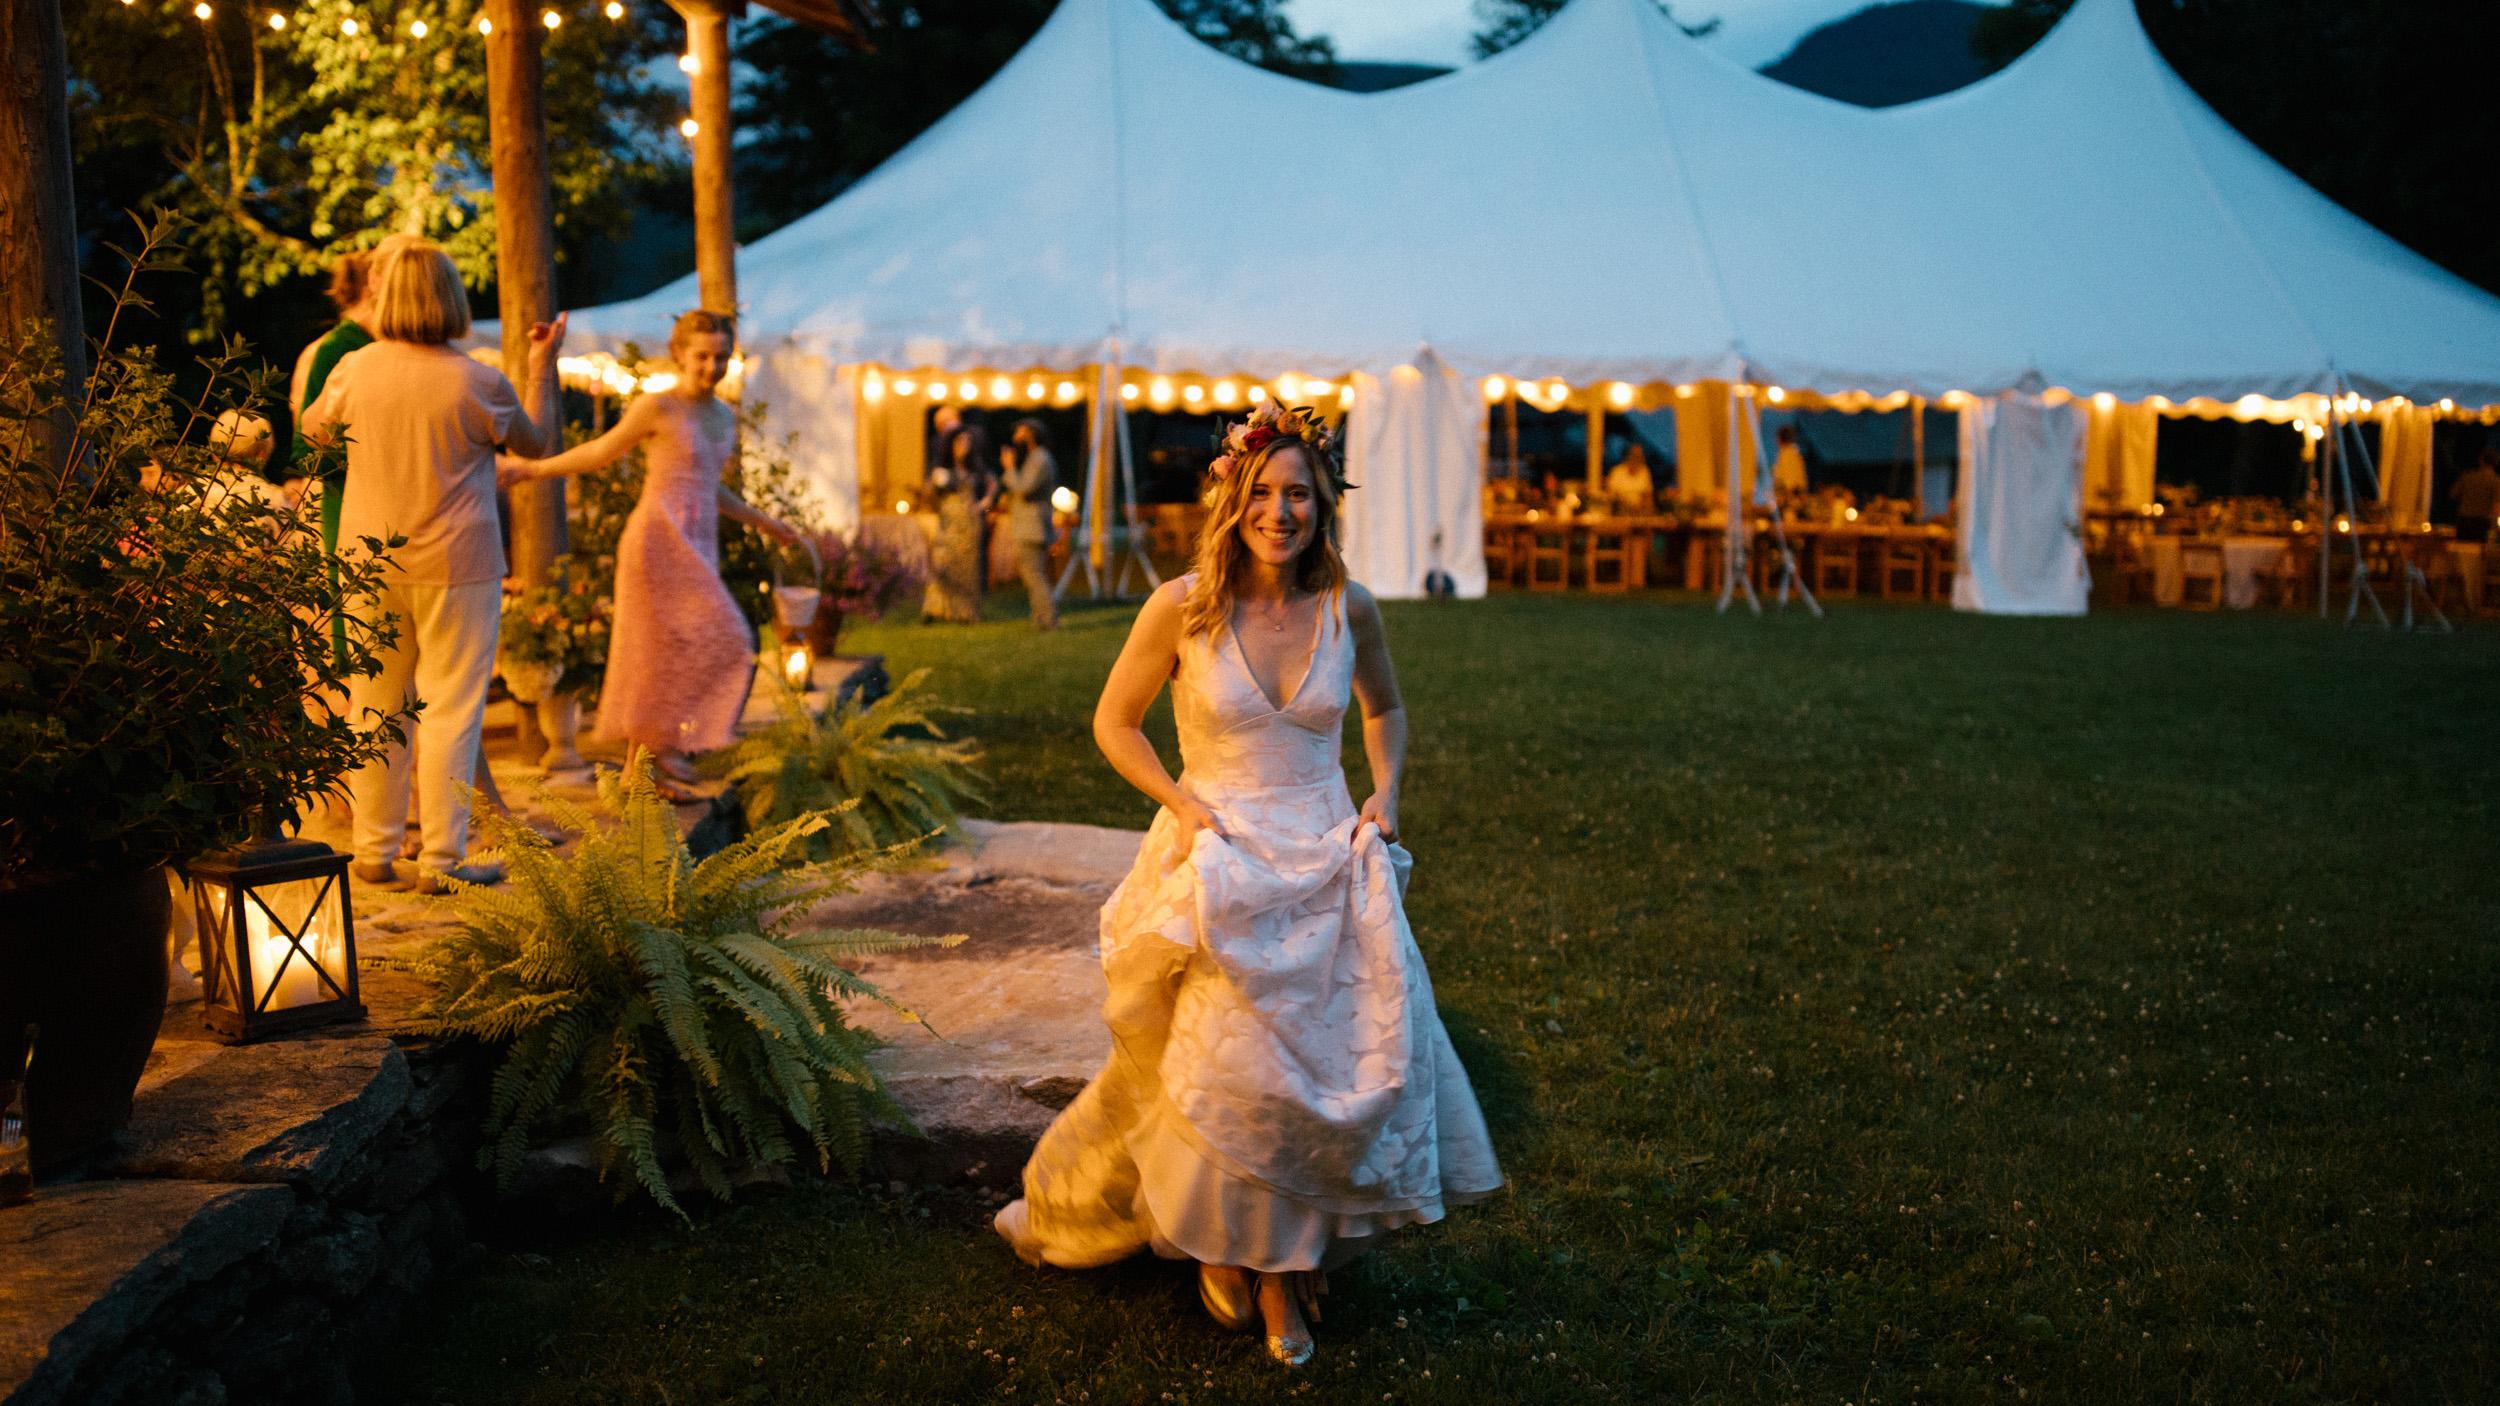 alec_vanderboom_vermont_wedding_photography-0121.jpg